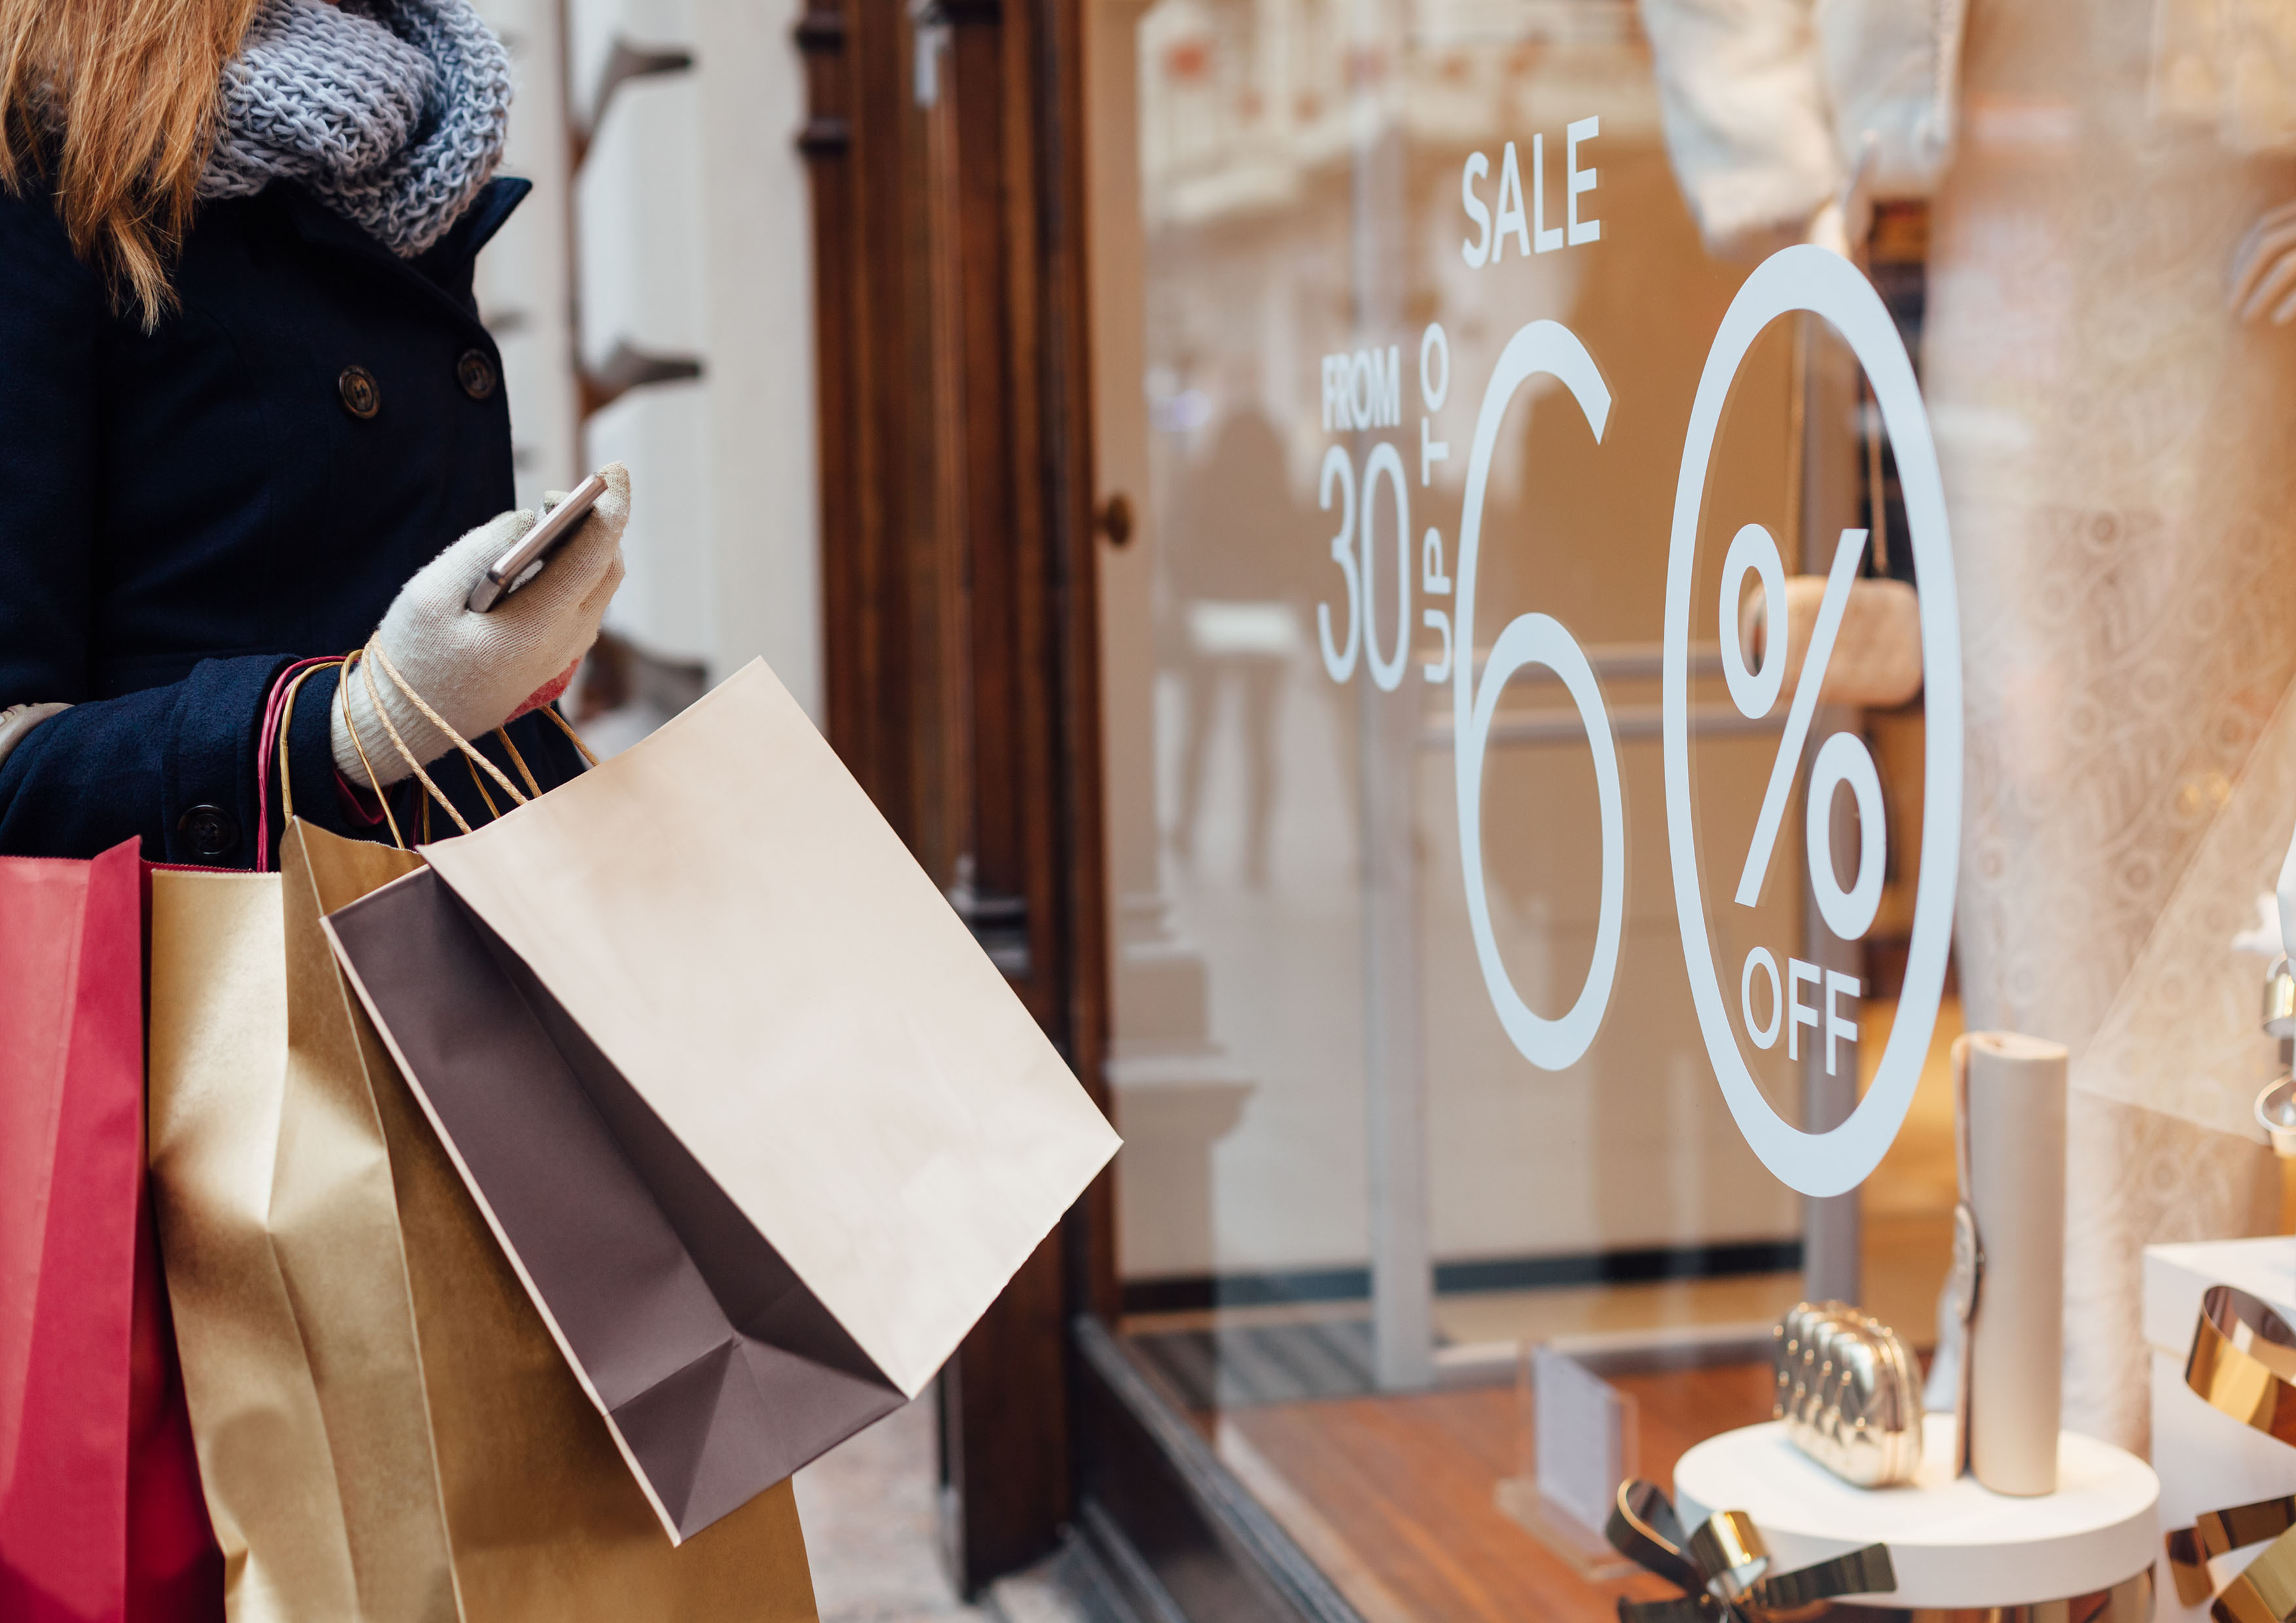 Läpinäkyvää ja asiakaskeskeistä myymälämarkkinointia